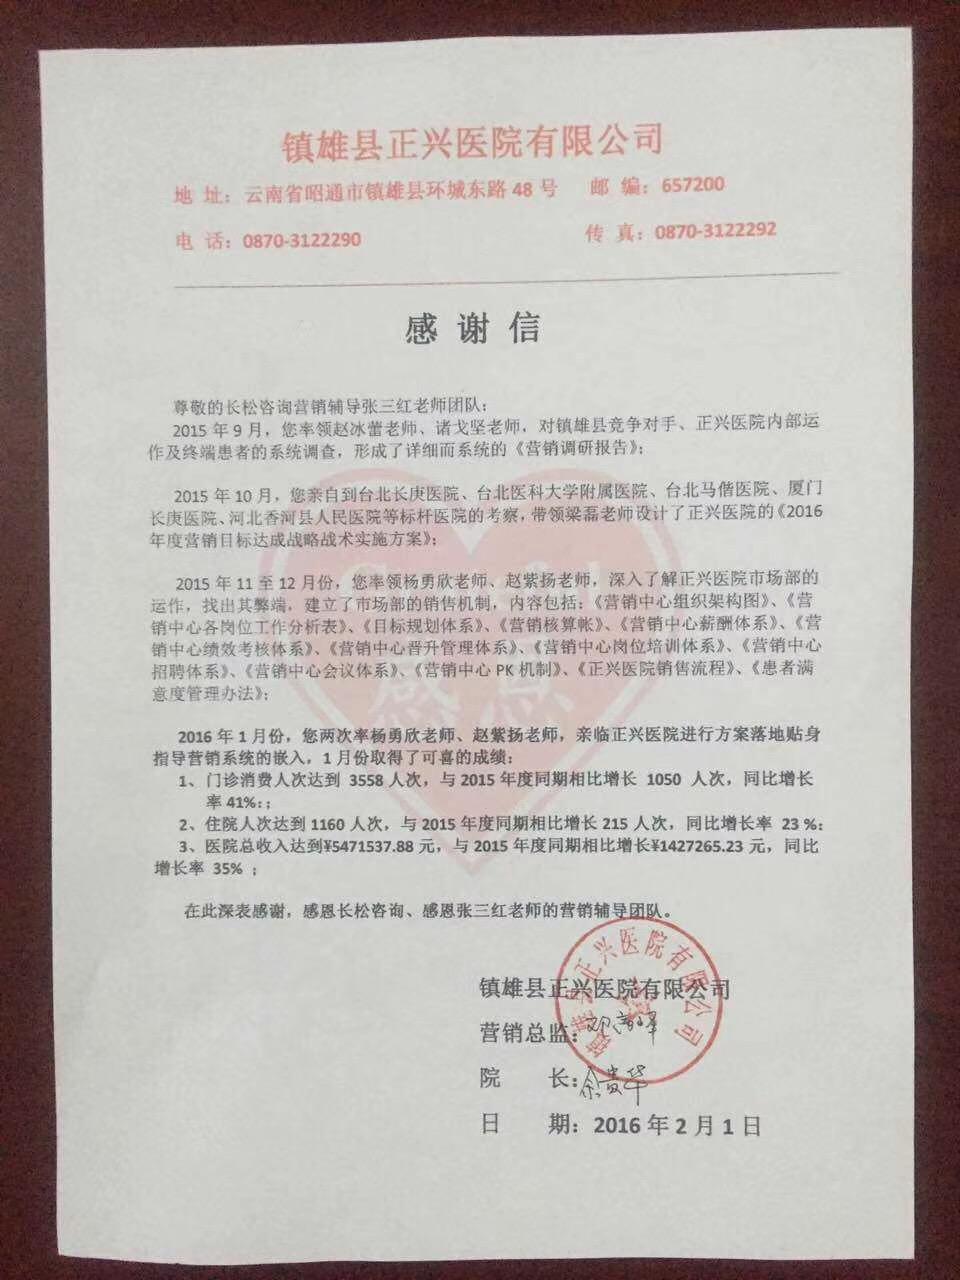 亚游国际游戏集团谘詢雲南分公司